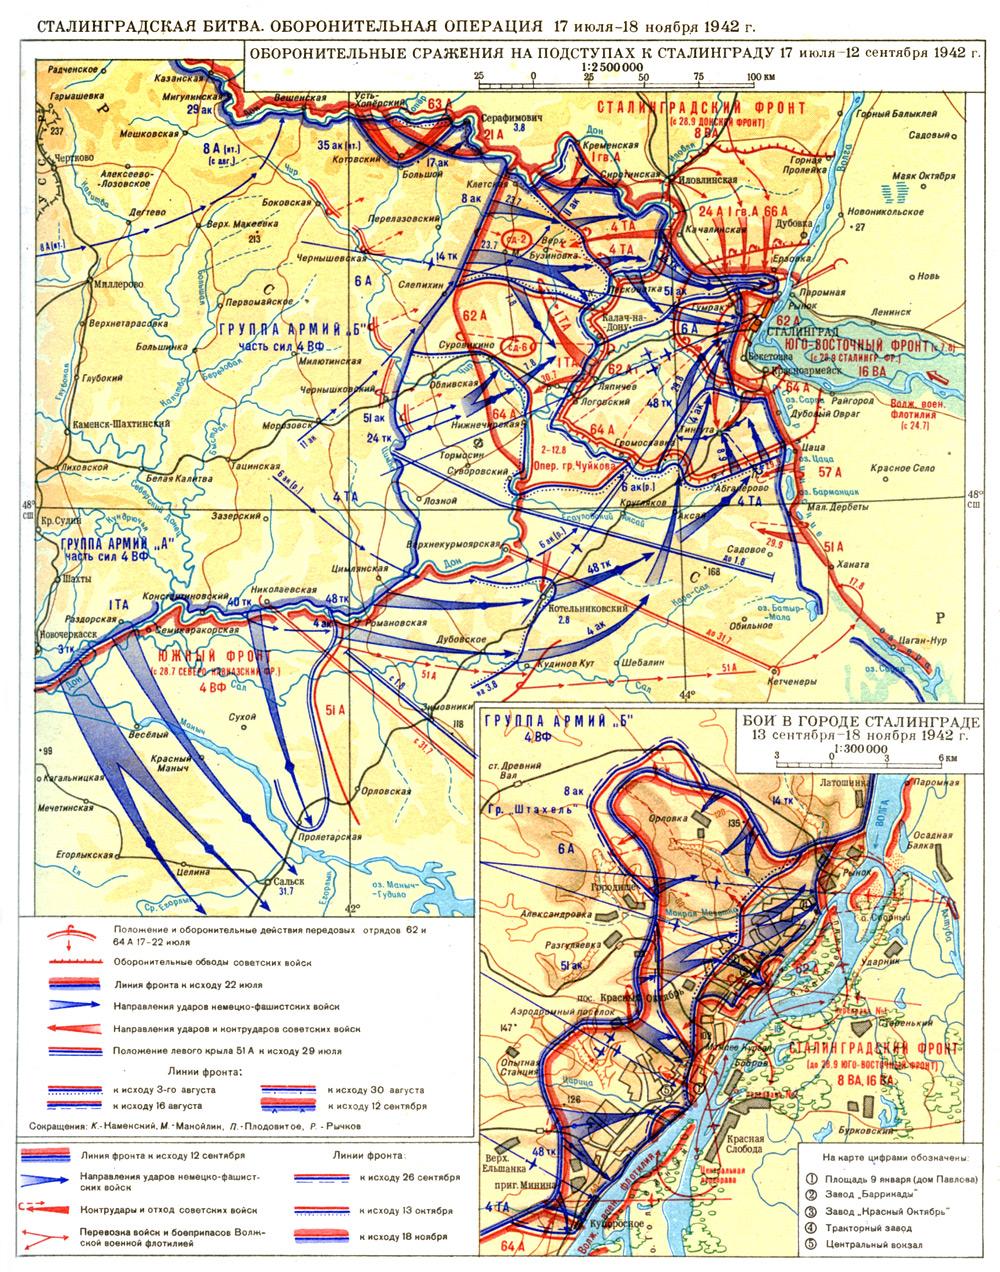 Сталинградская битва – перелом в Великой Отечественной войне